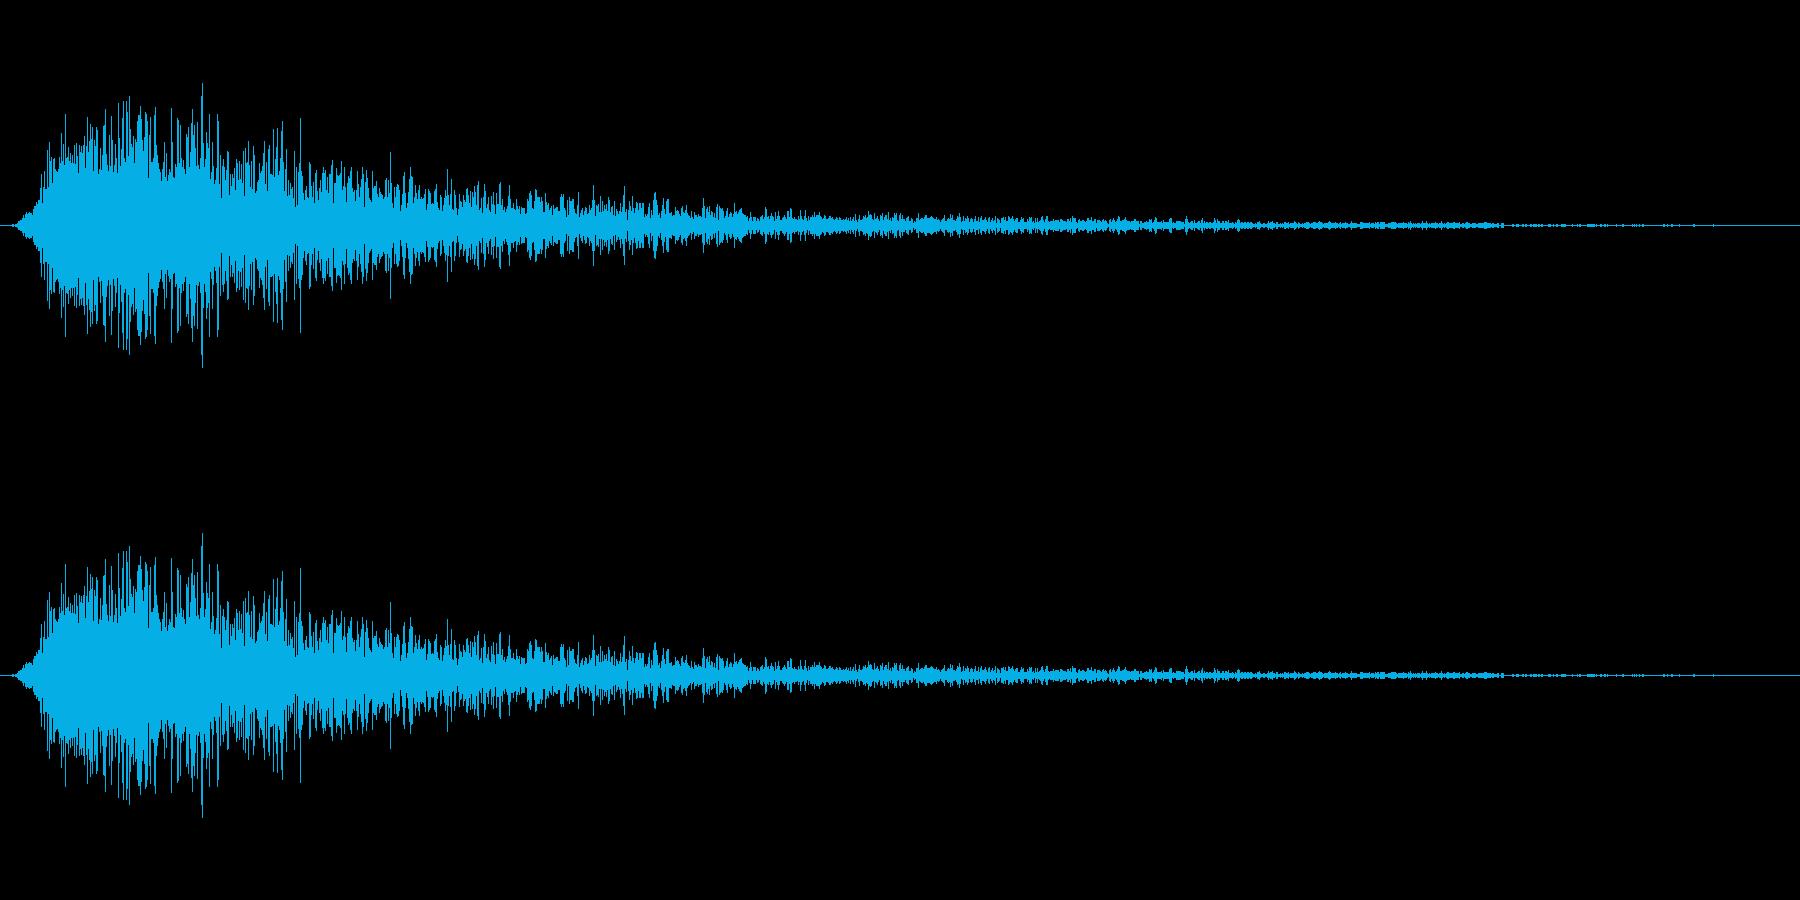 ジャン(オケヒット オーケストラヒット)の再生済みの波形